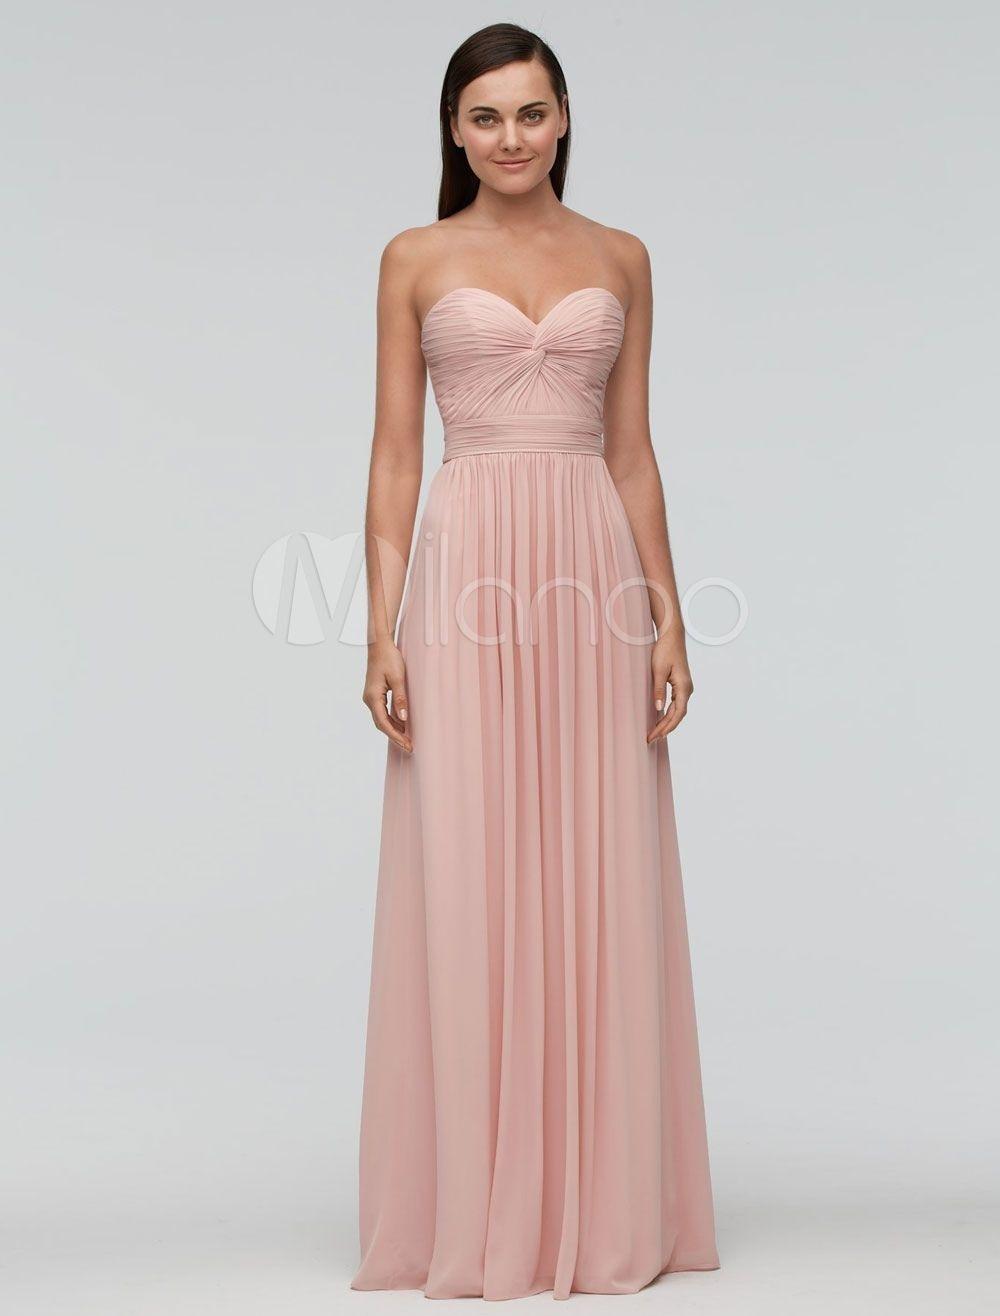 Schön Kleider Für Die Hochzeit Vertrieb - Abendkleid